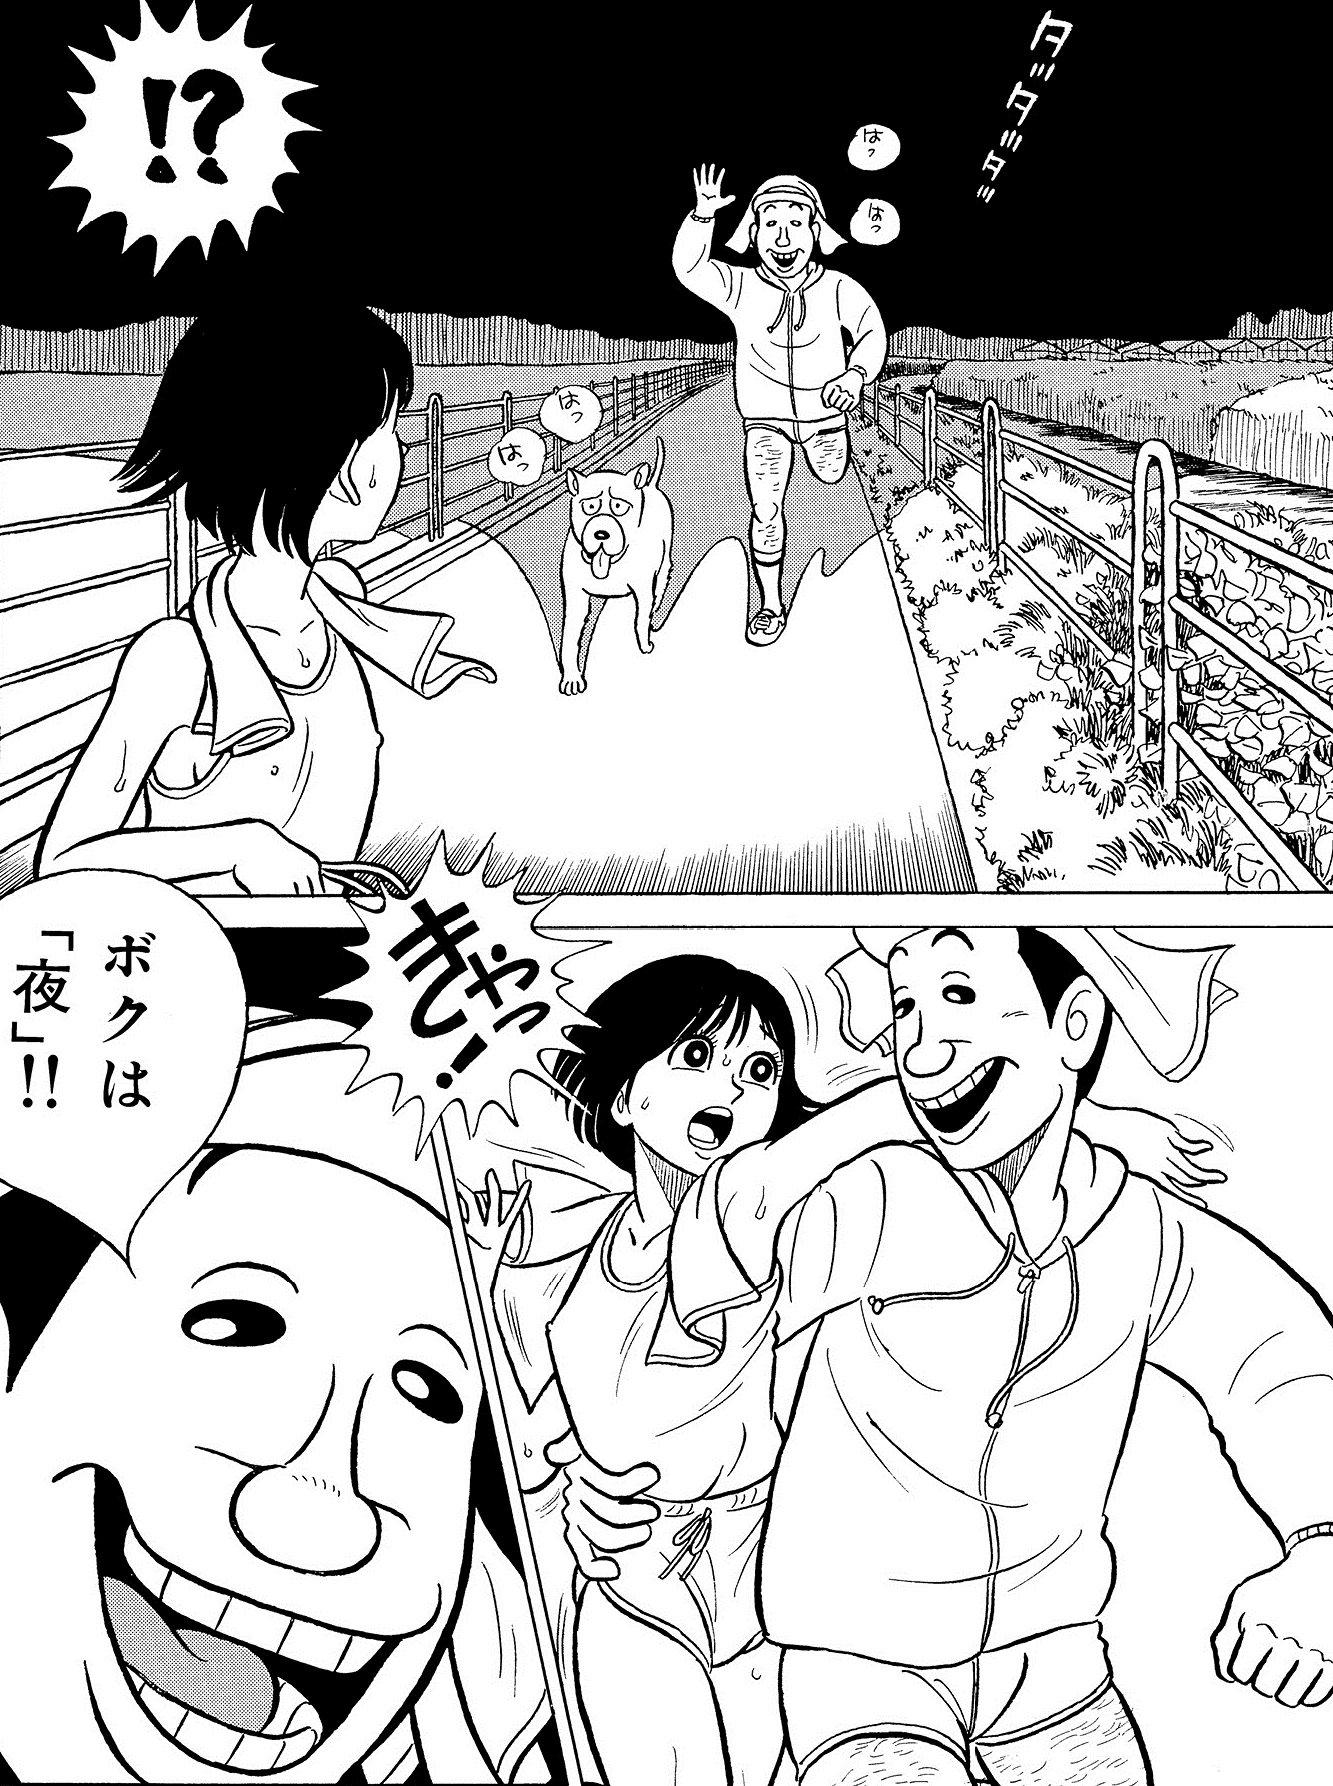 エロ マンガ 昭和 【エロ漫画】昭和のエロ漫画って読みだすとハマるよな~【無料